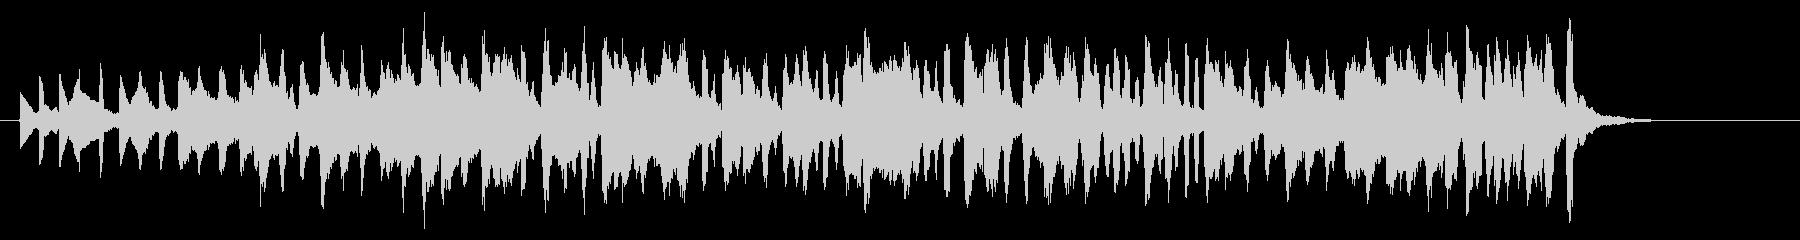 メルヘンポップなアコーディオンジングルの未再生の波形